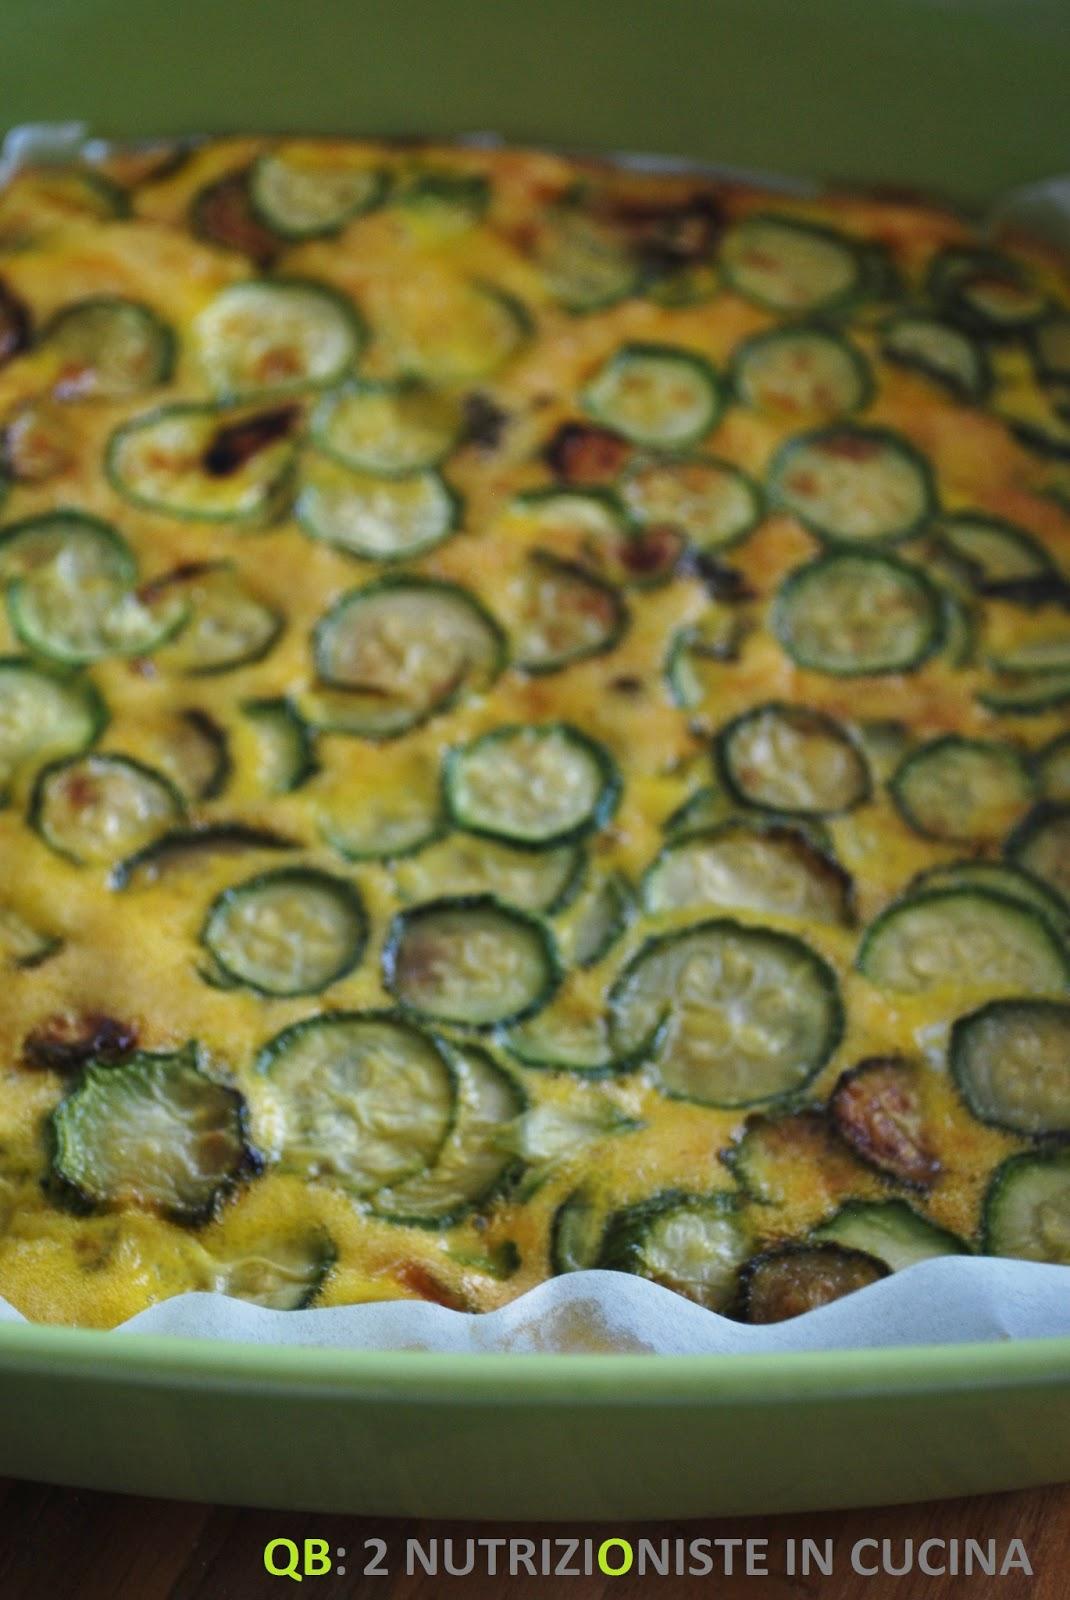 Frittata al forno con zucchine e maggiorana